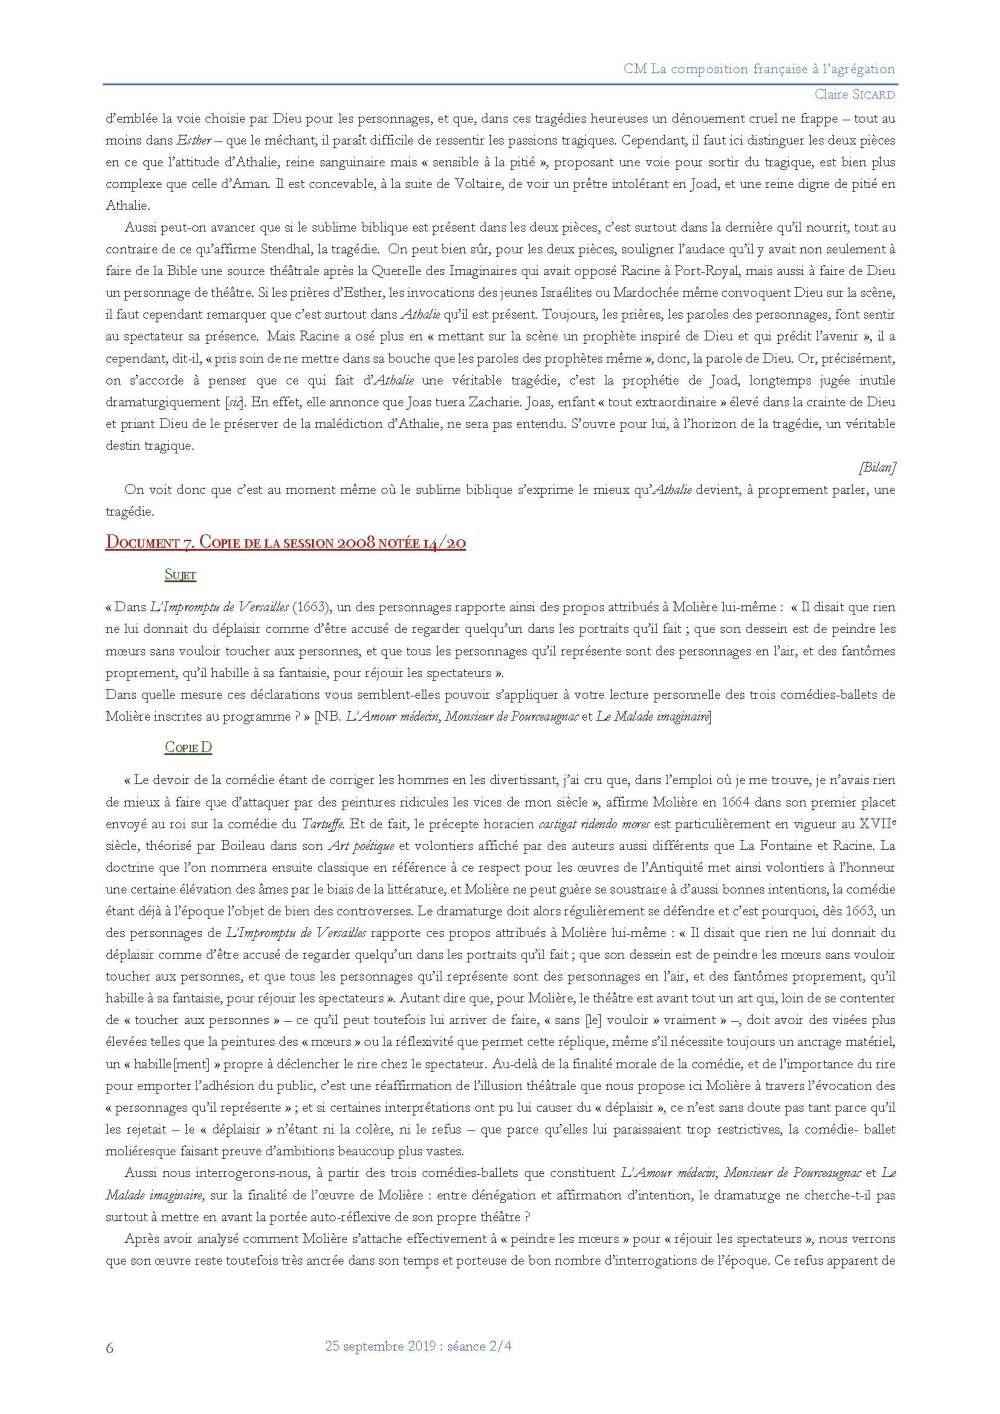 Exemplier_Methodo-dissert_250919_Page_6